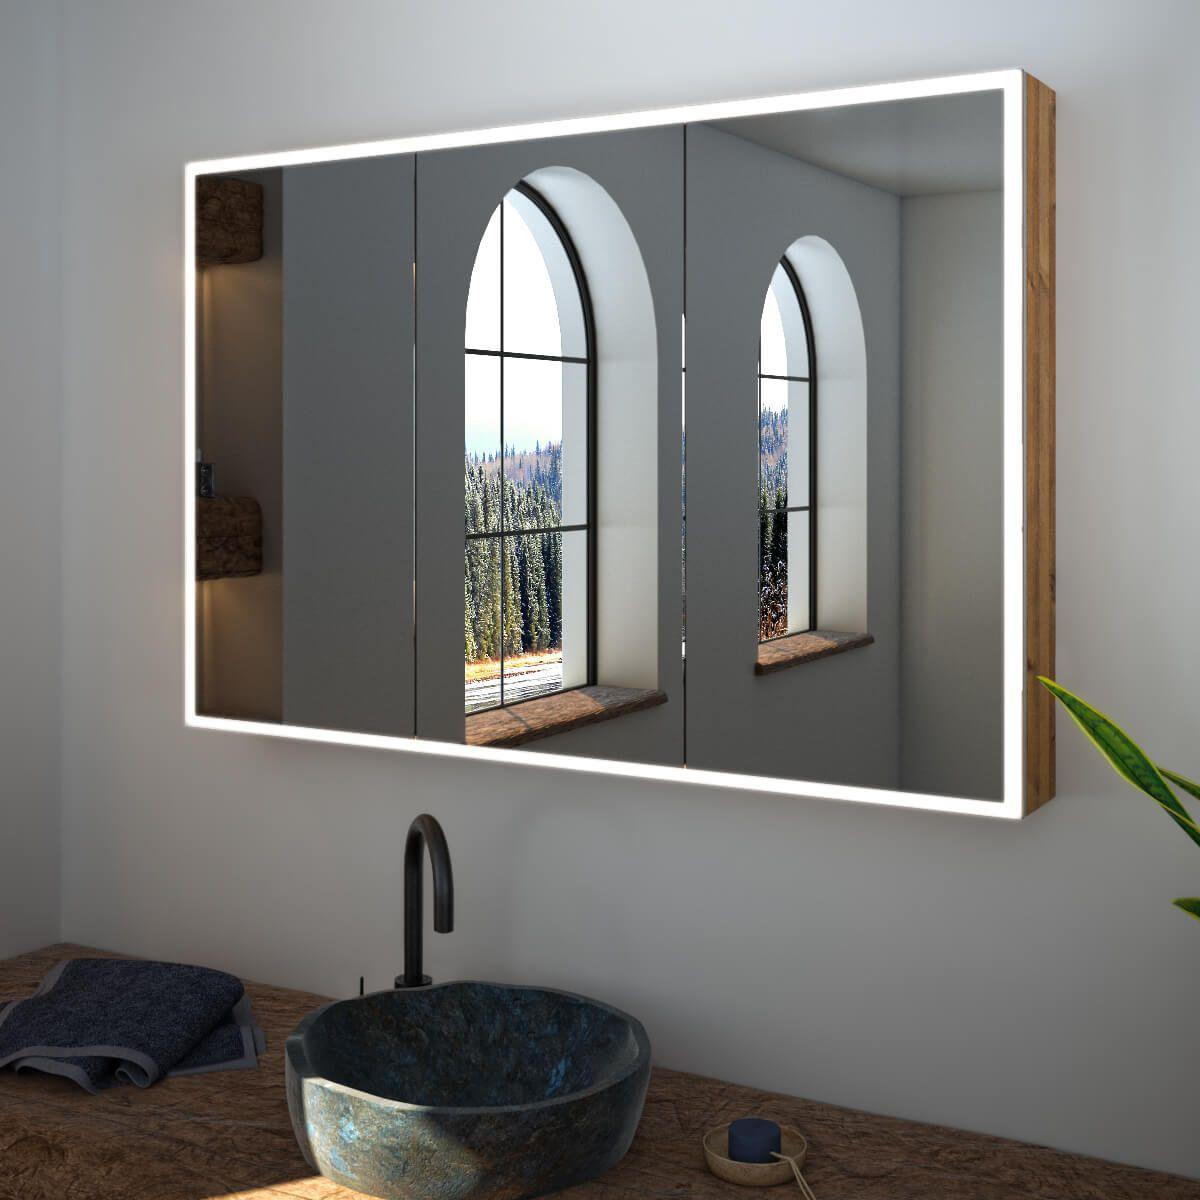 Ein Spiegelschrank Ist Optimal Dafur Geeignet Ihre Badutensilien Kompakt Und Sicher Zu Ver Spiegelschrank Spiegelschrank Beleuchtung Badezimmer Spiegelschrank